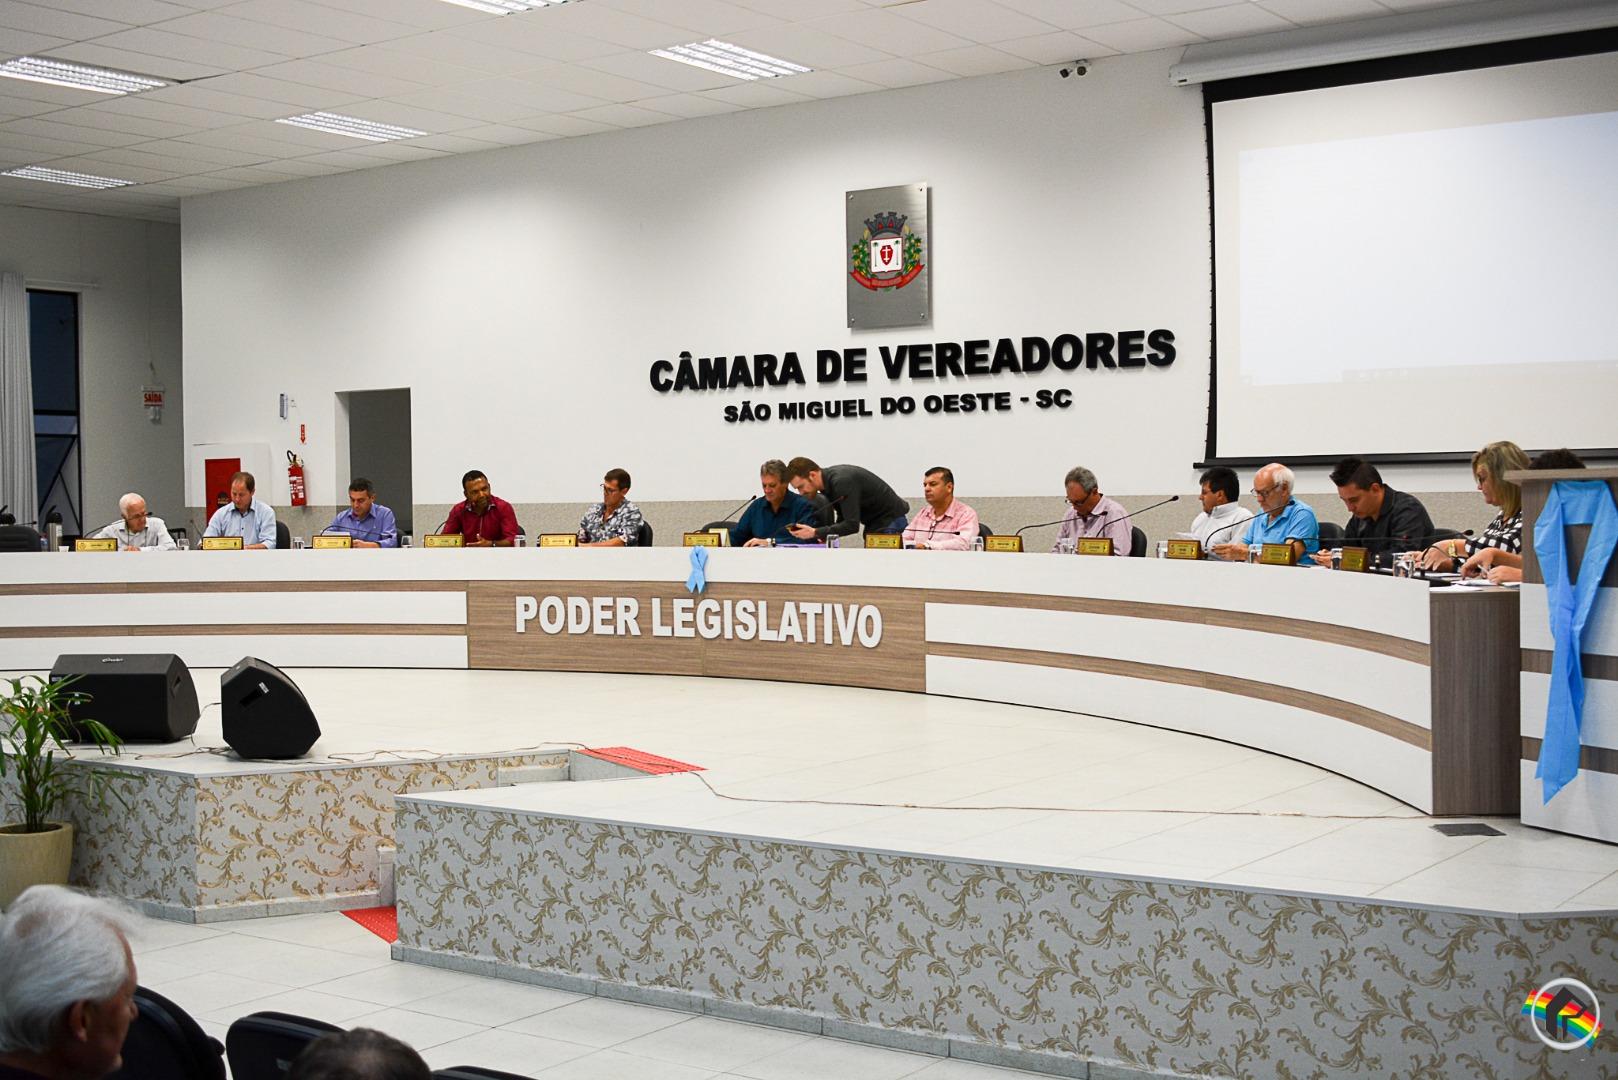 Odemar Marques solicita local para jovens se divertirem sem causar perturbação